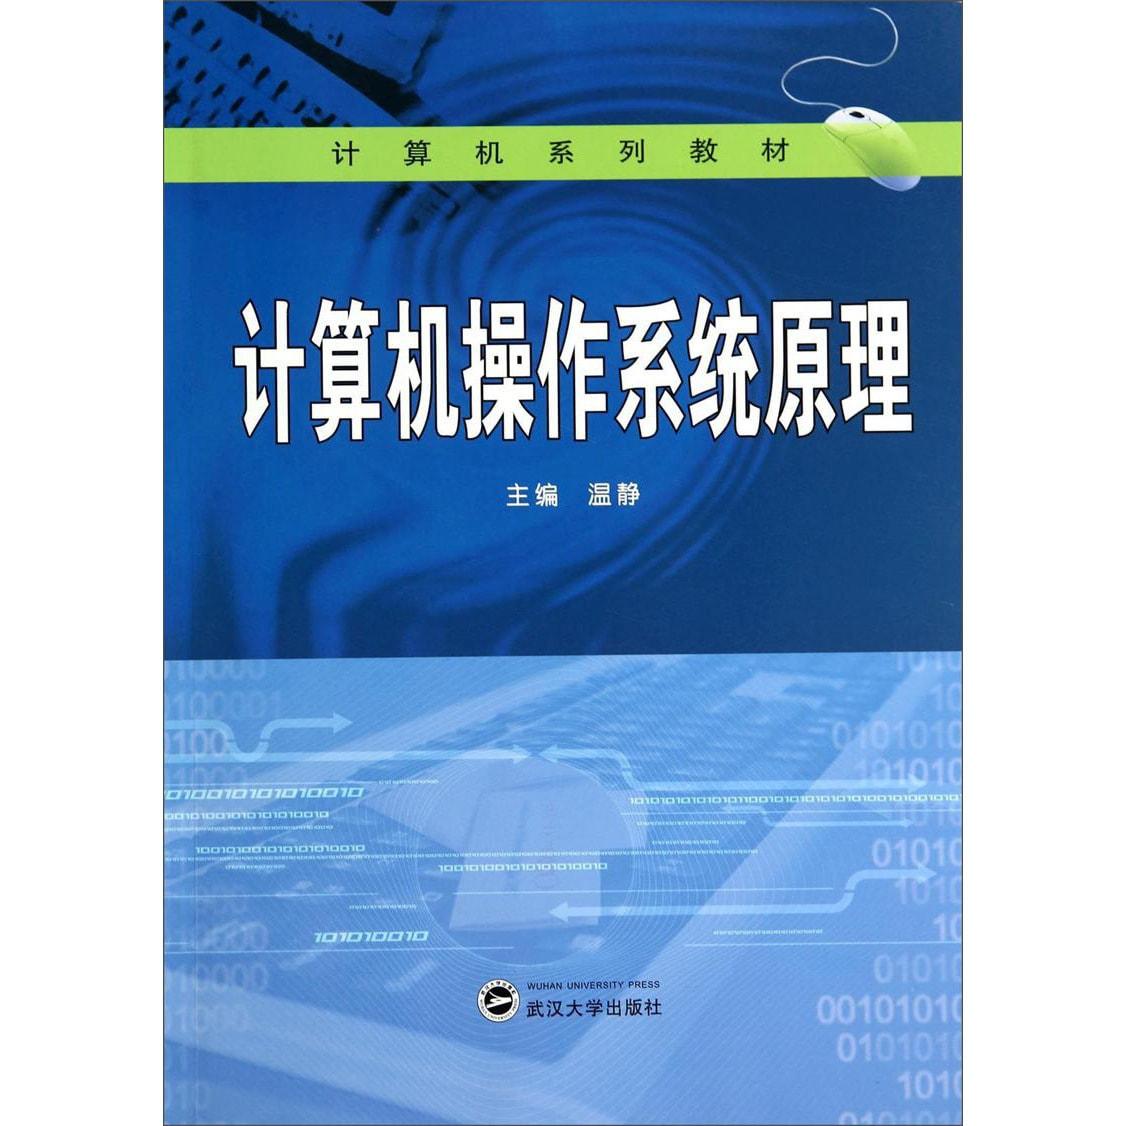 计算机系列教材:计算机操作系统原理 怎么样 - 亚米网